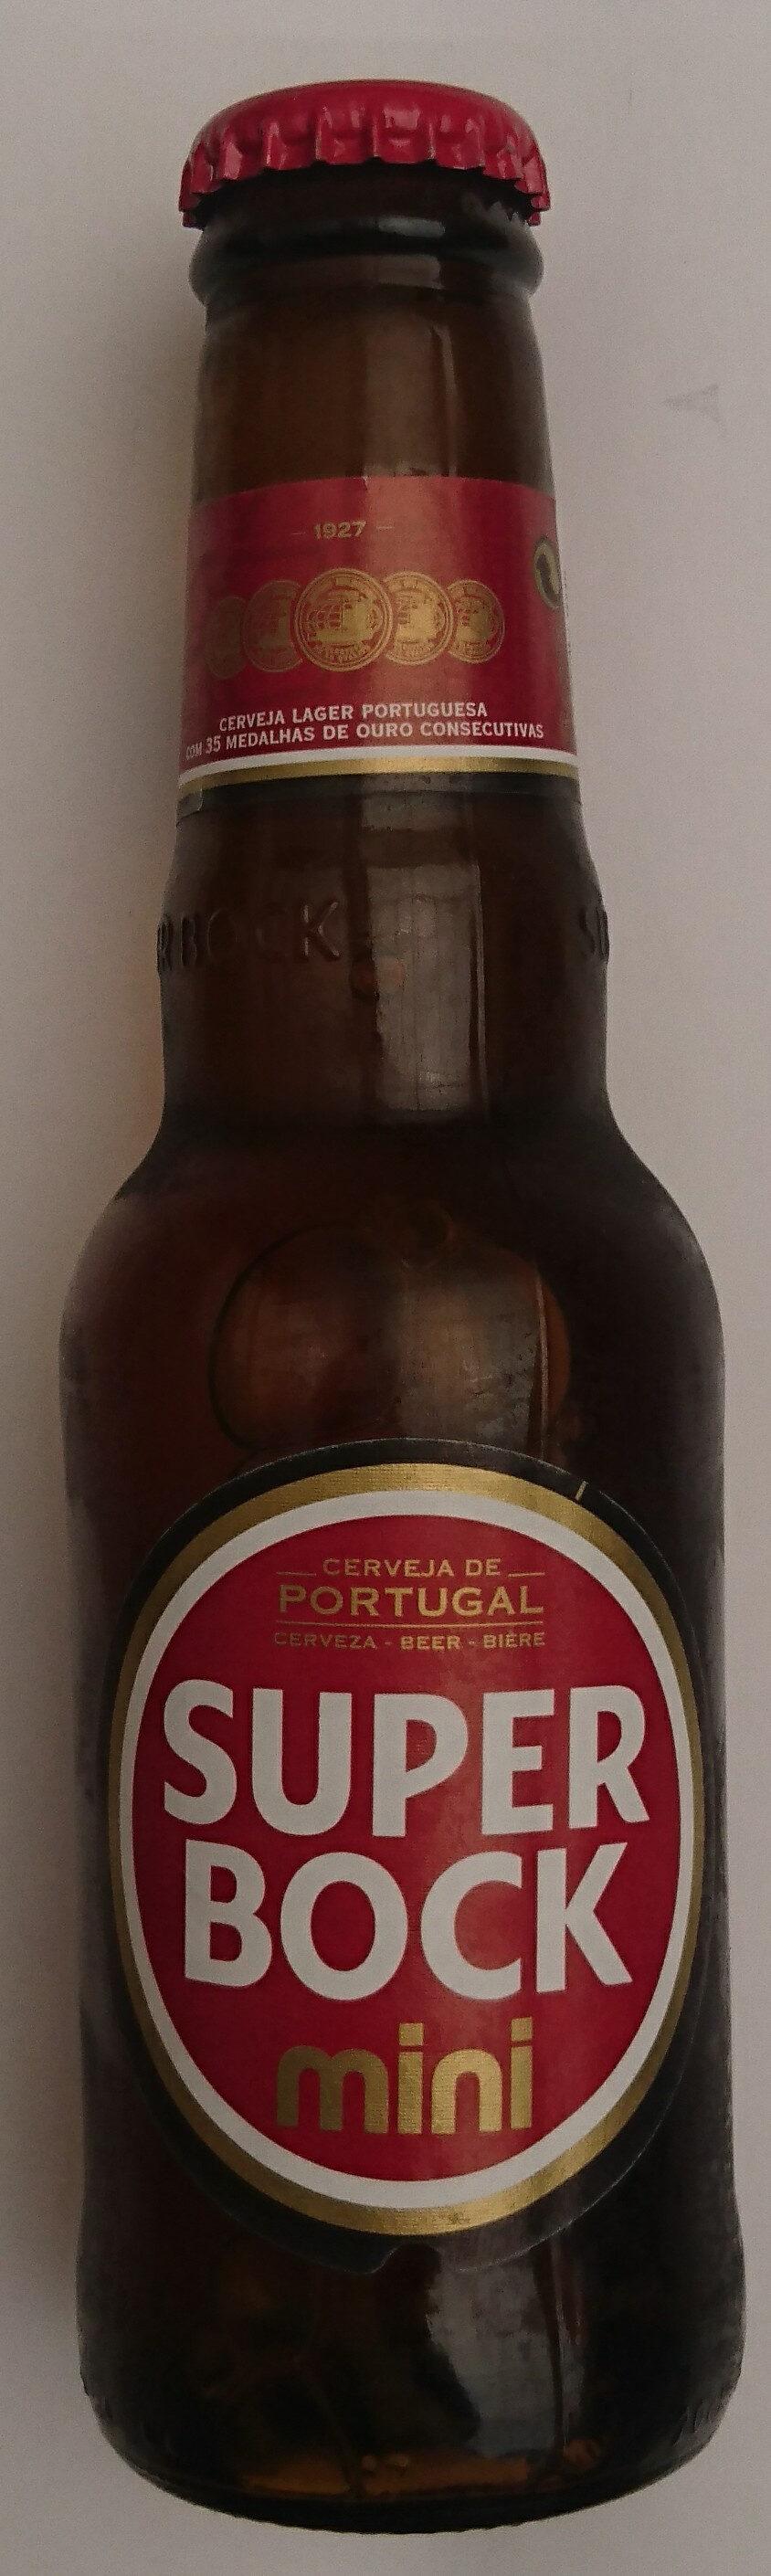 Cerveja mini - Product - pt